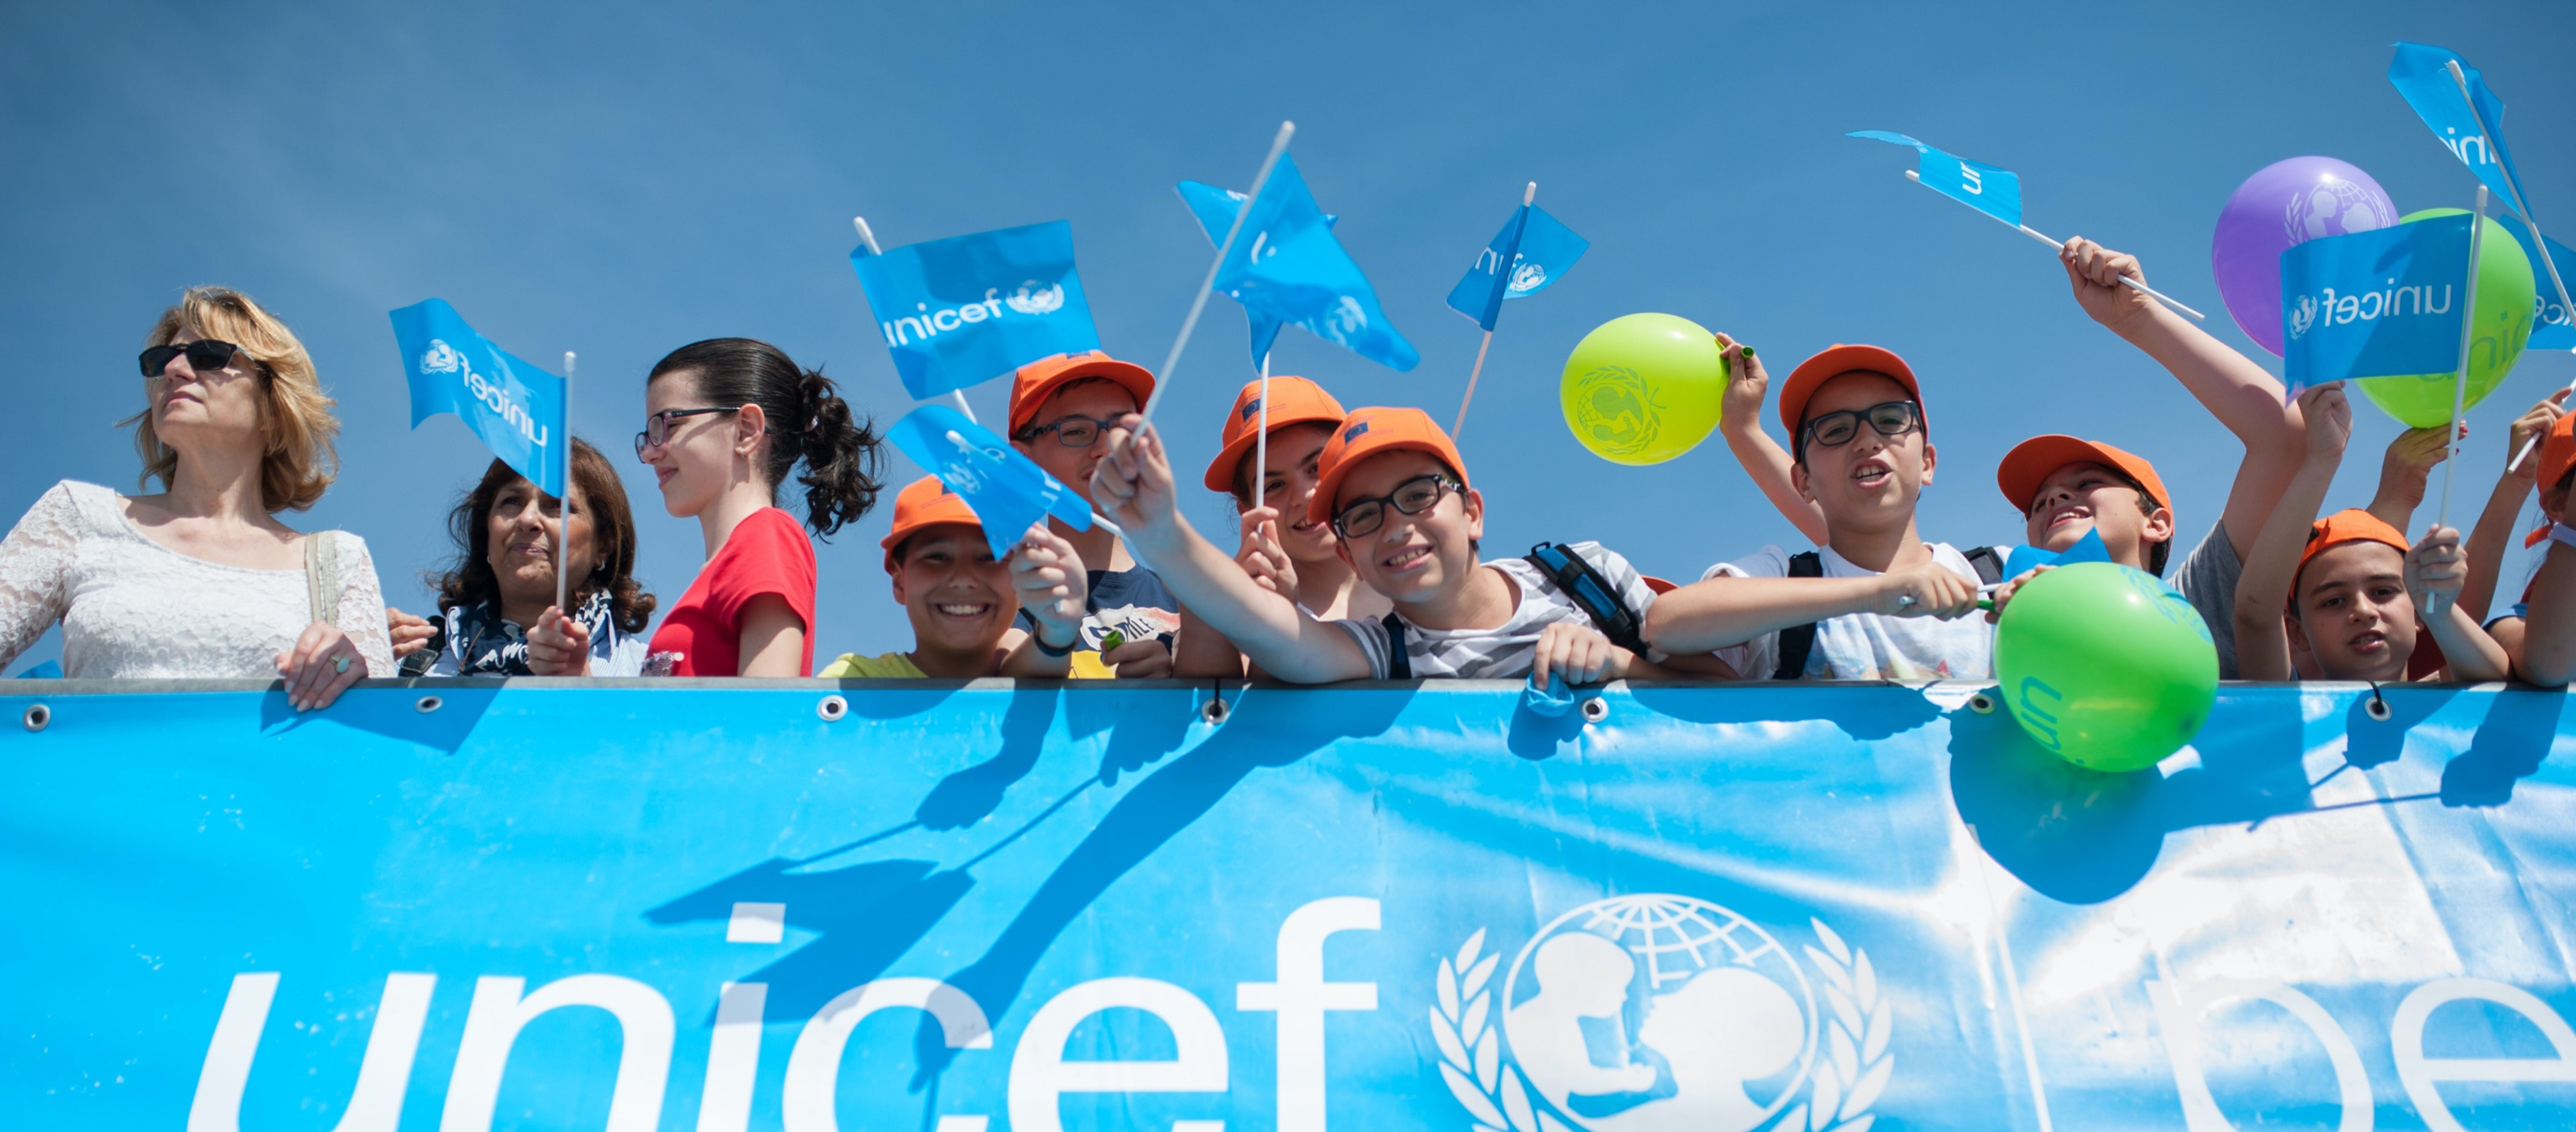 Volontariato nelle scuole, università, istituzioni e nel mondo sportivo